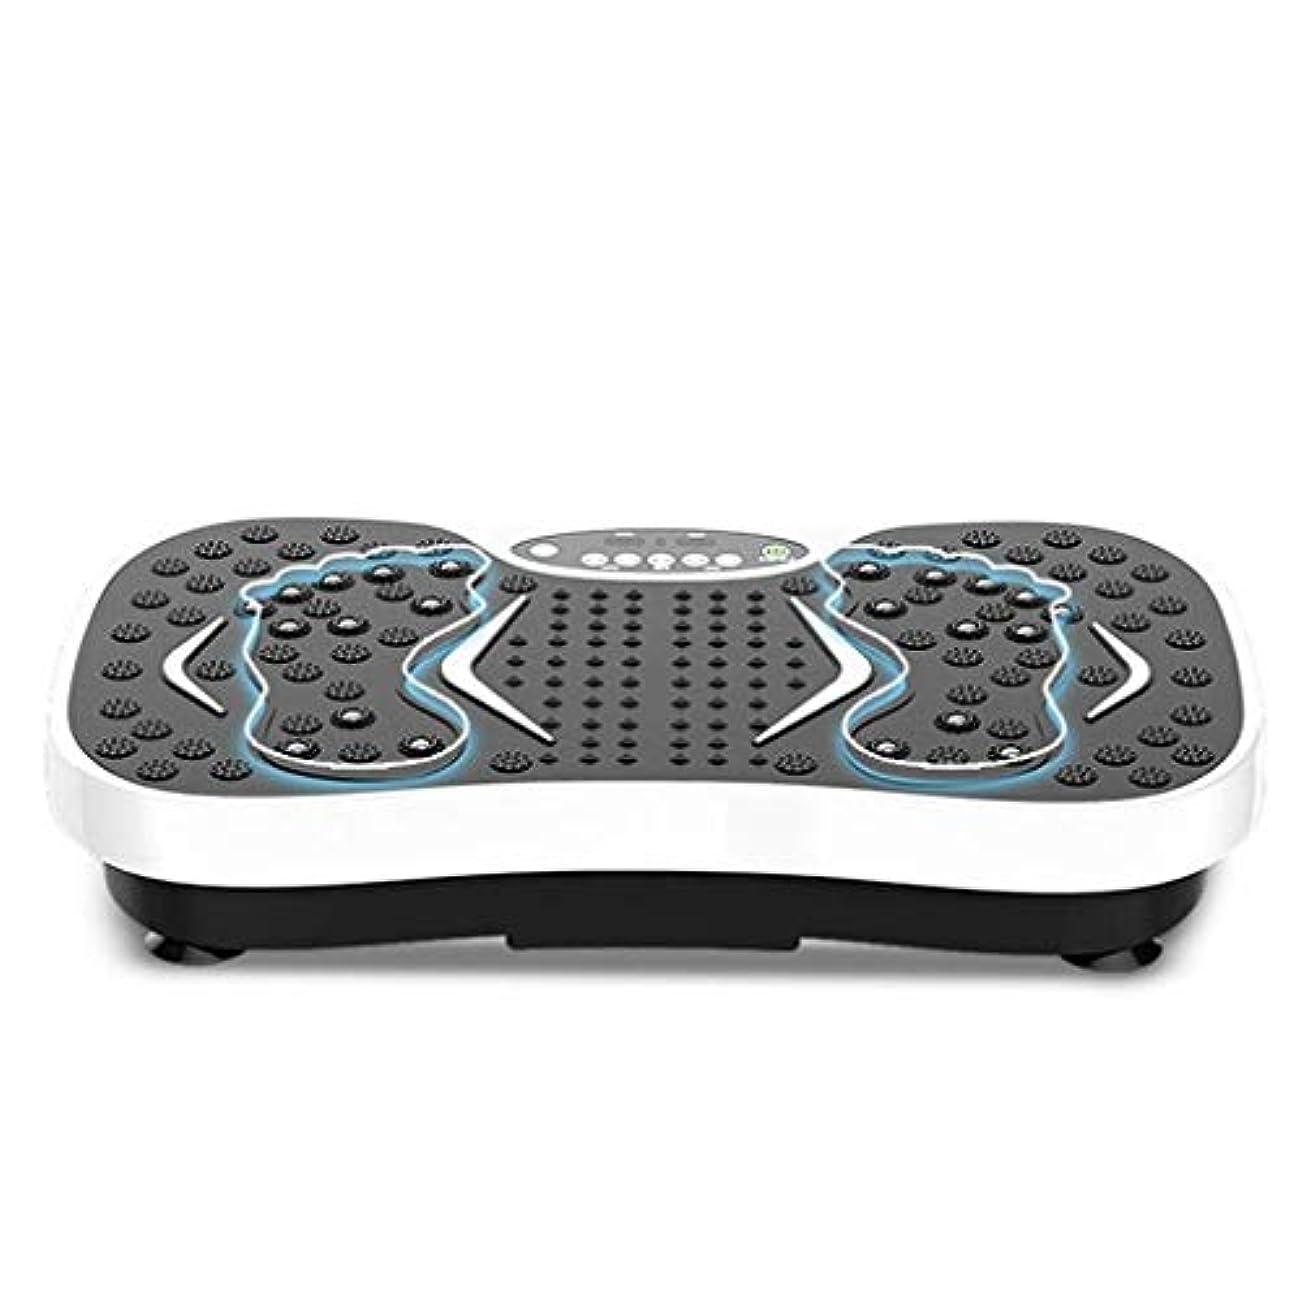 認知廃棄逸脱減量機、運動衝撃吸収フィットネスモデル減量機ユニセックス振動板、家庭/ジムに最適(最大負荷150KG) (Color : 白)